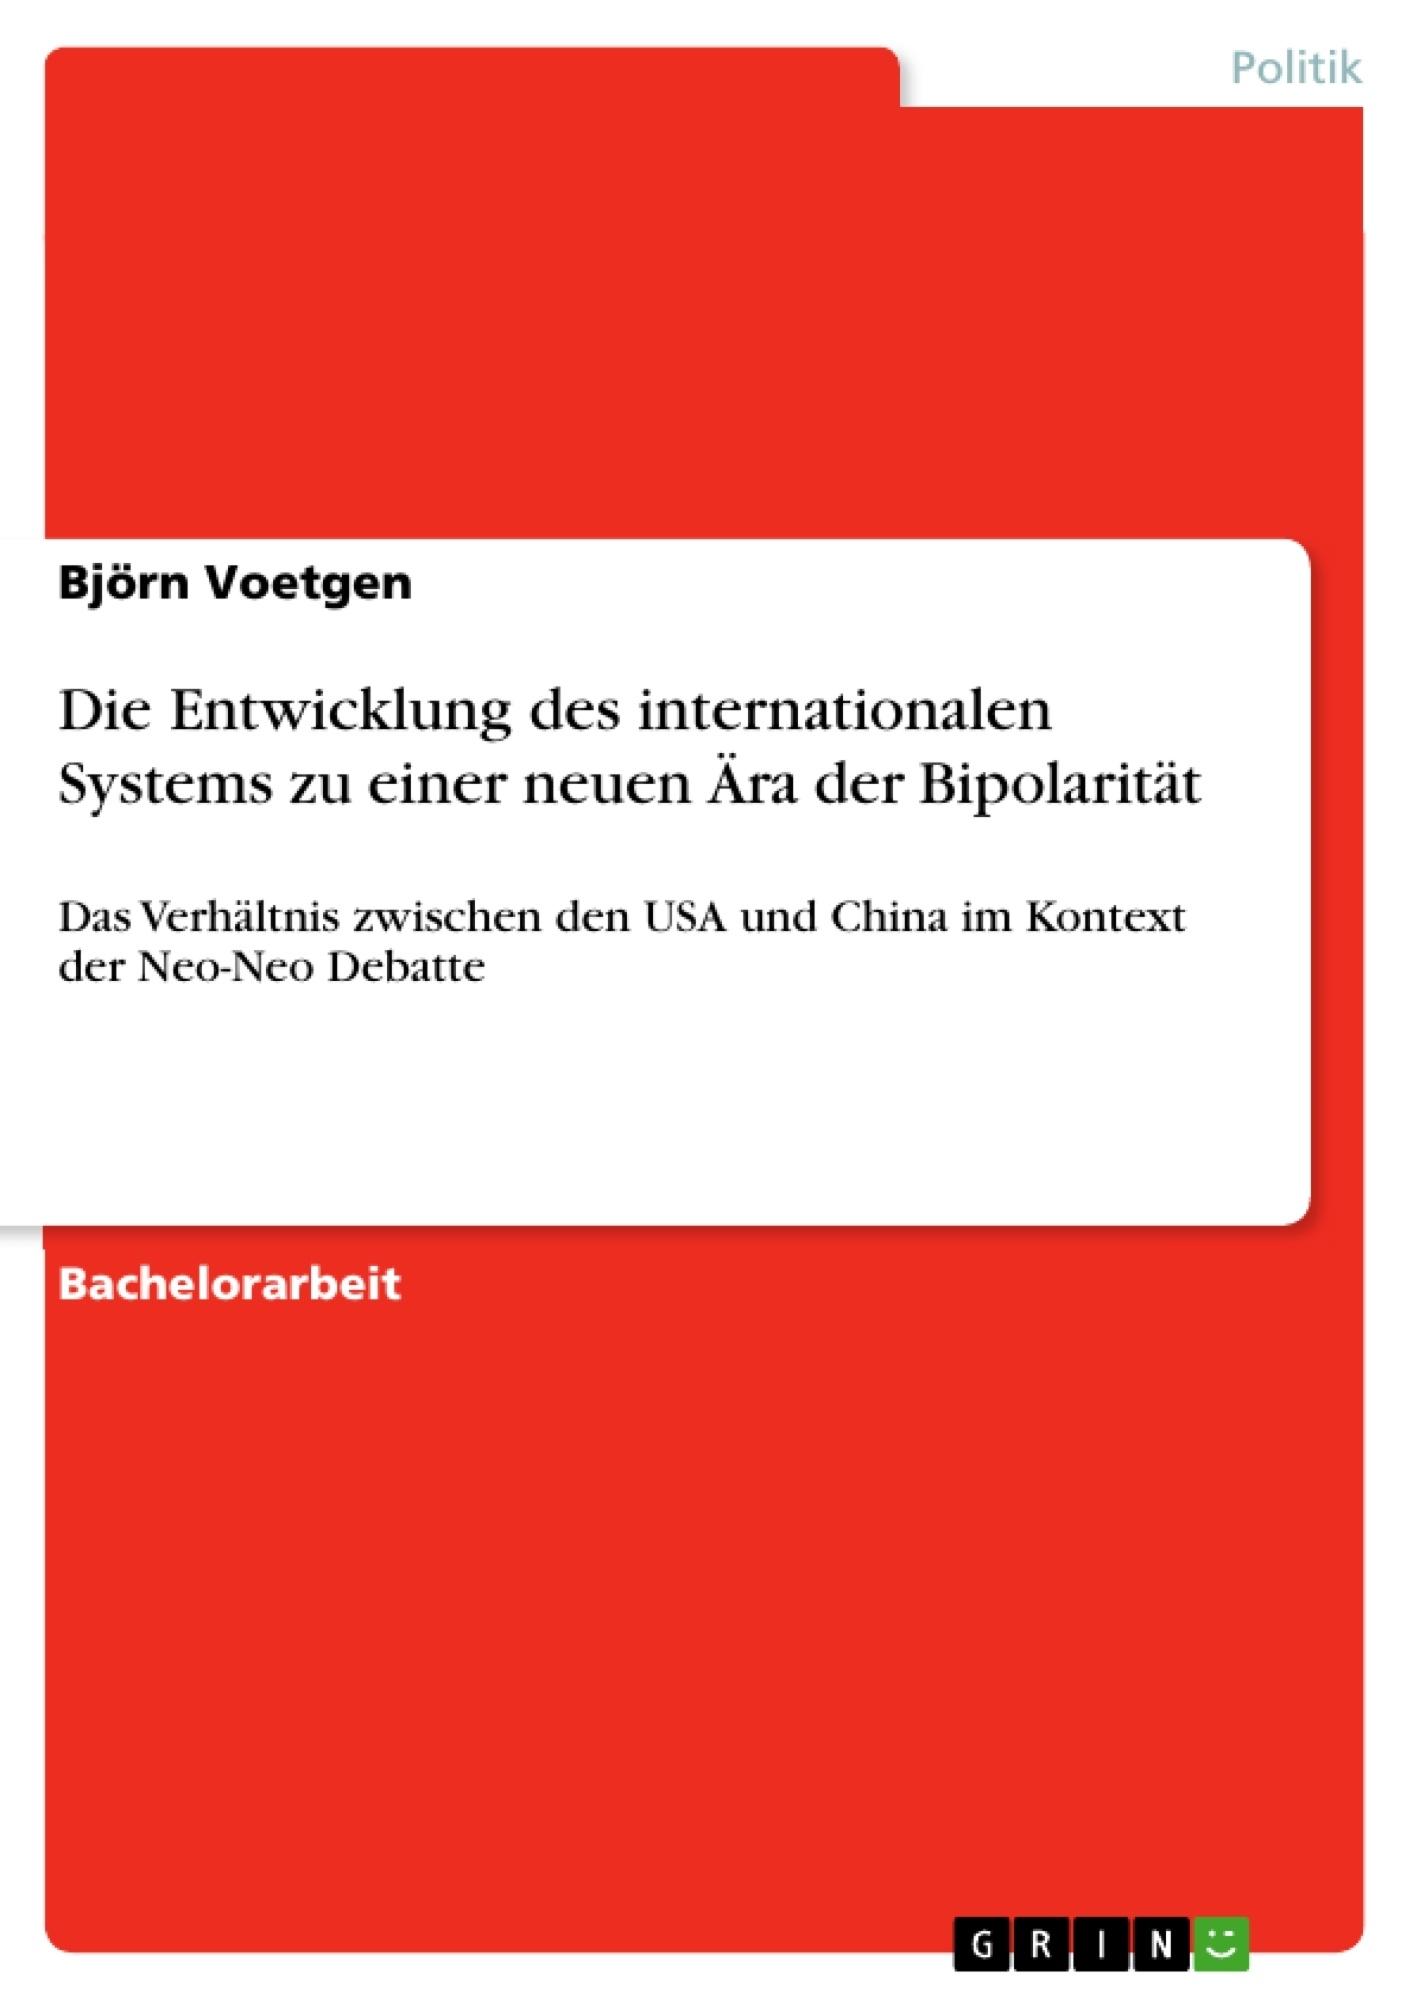 Titel: Die Entwicklung des internationalen Systems zu einer neuen Ära der Bipolarität